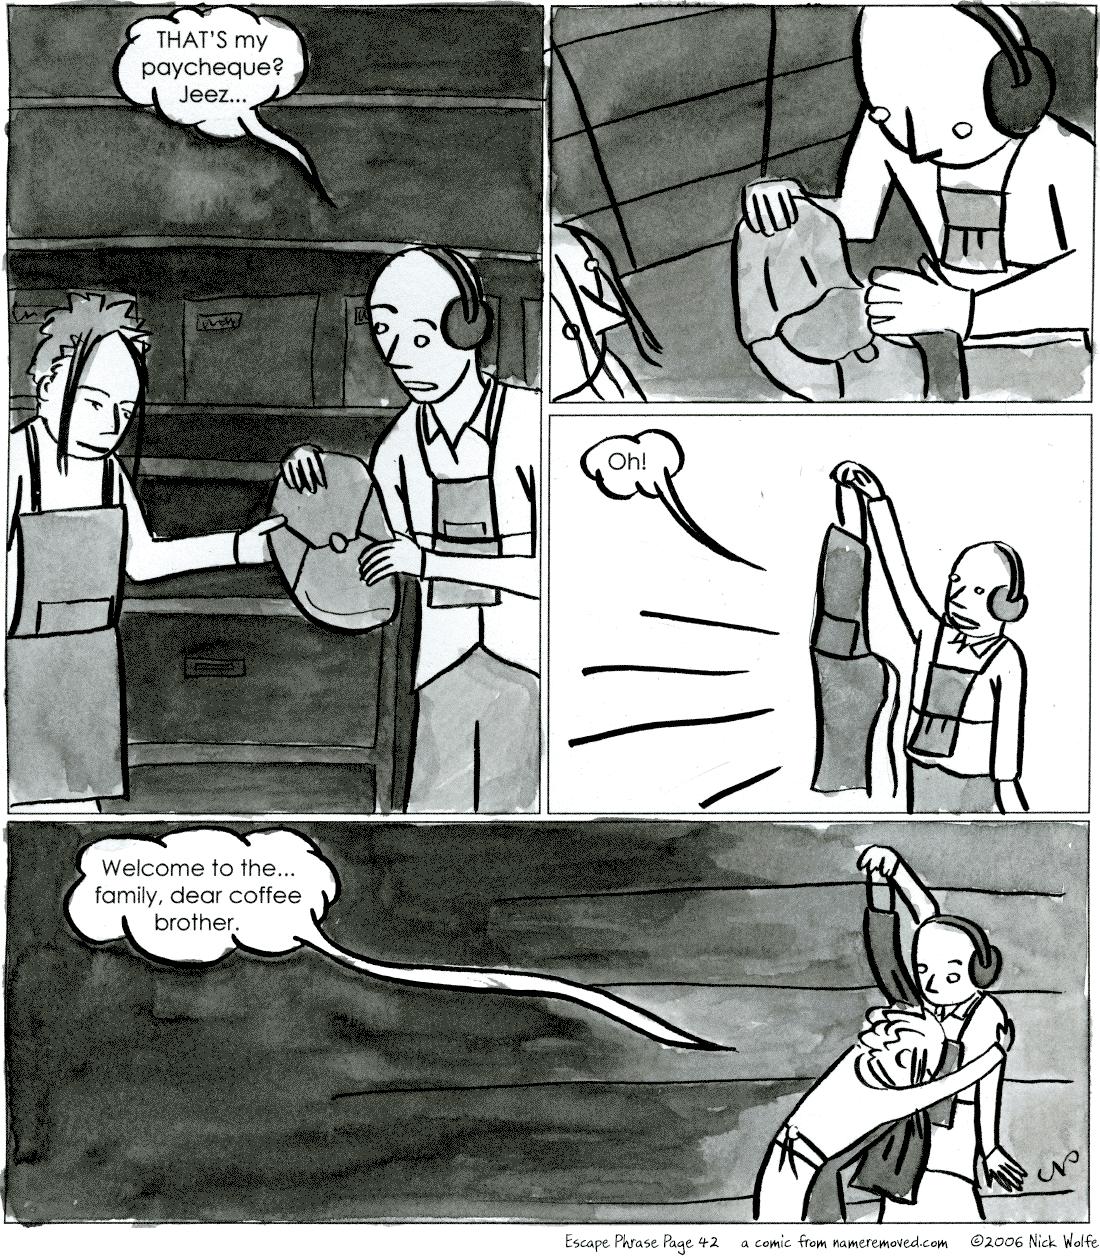 Escape Phrase 42